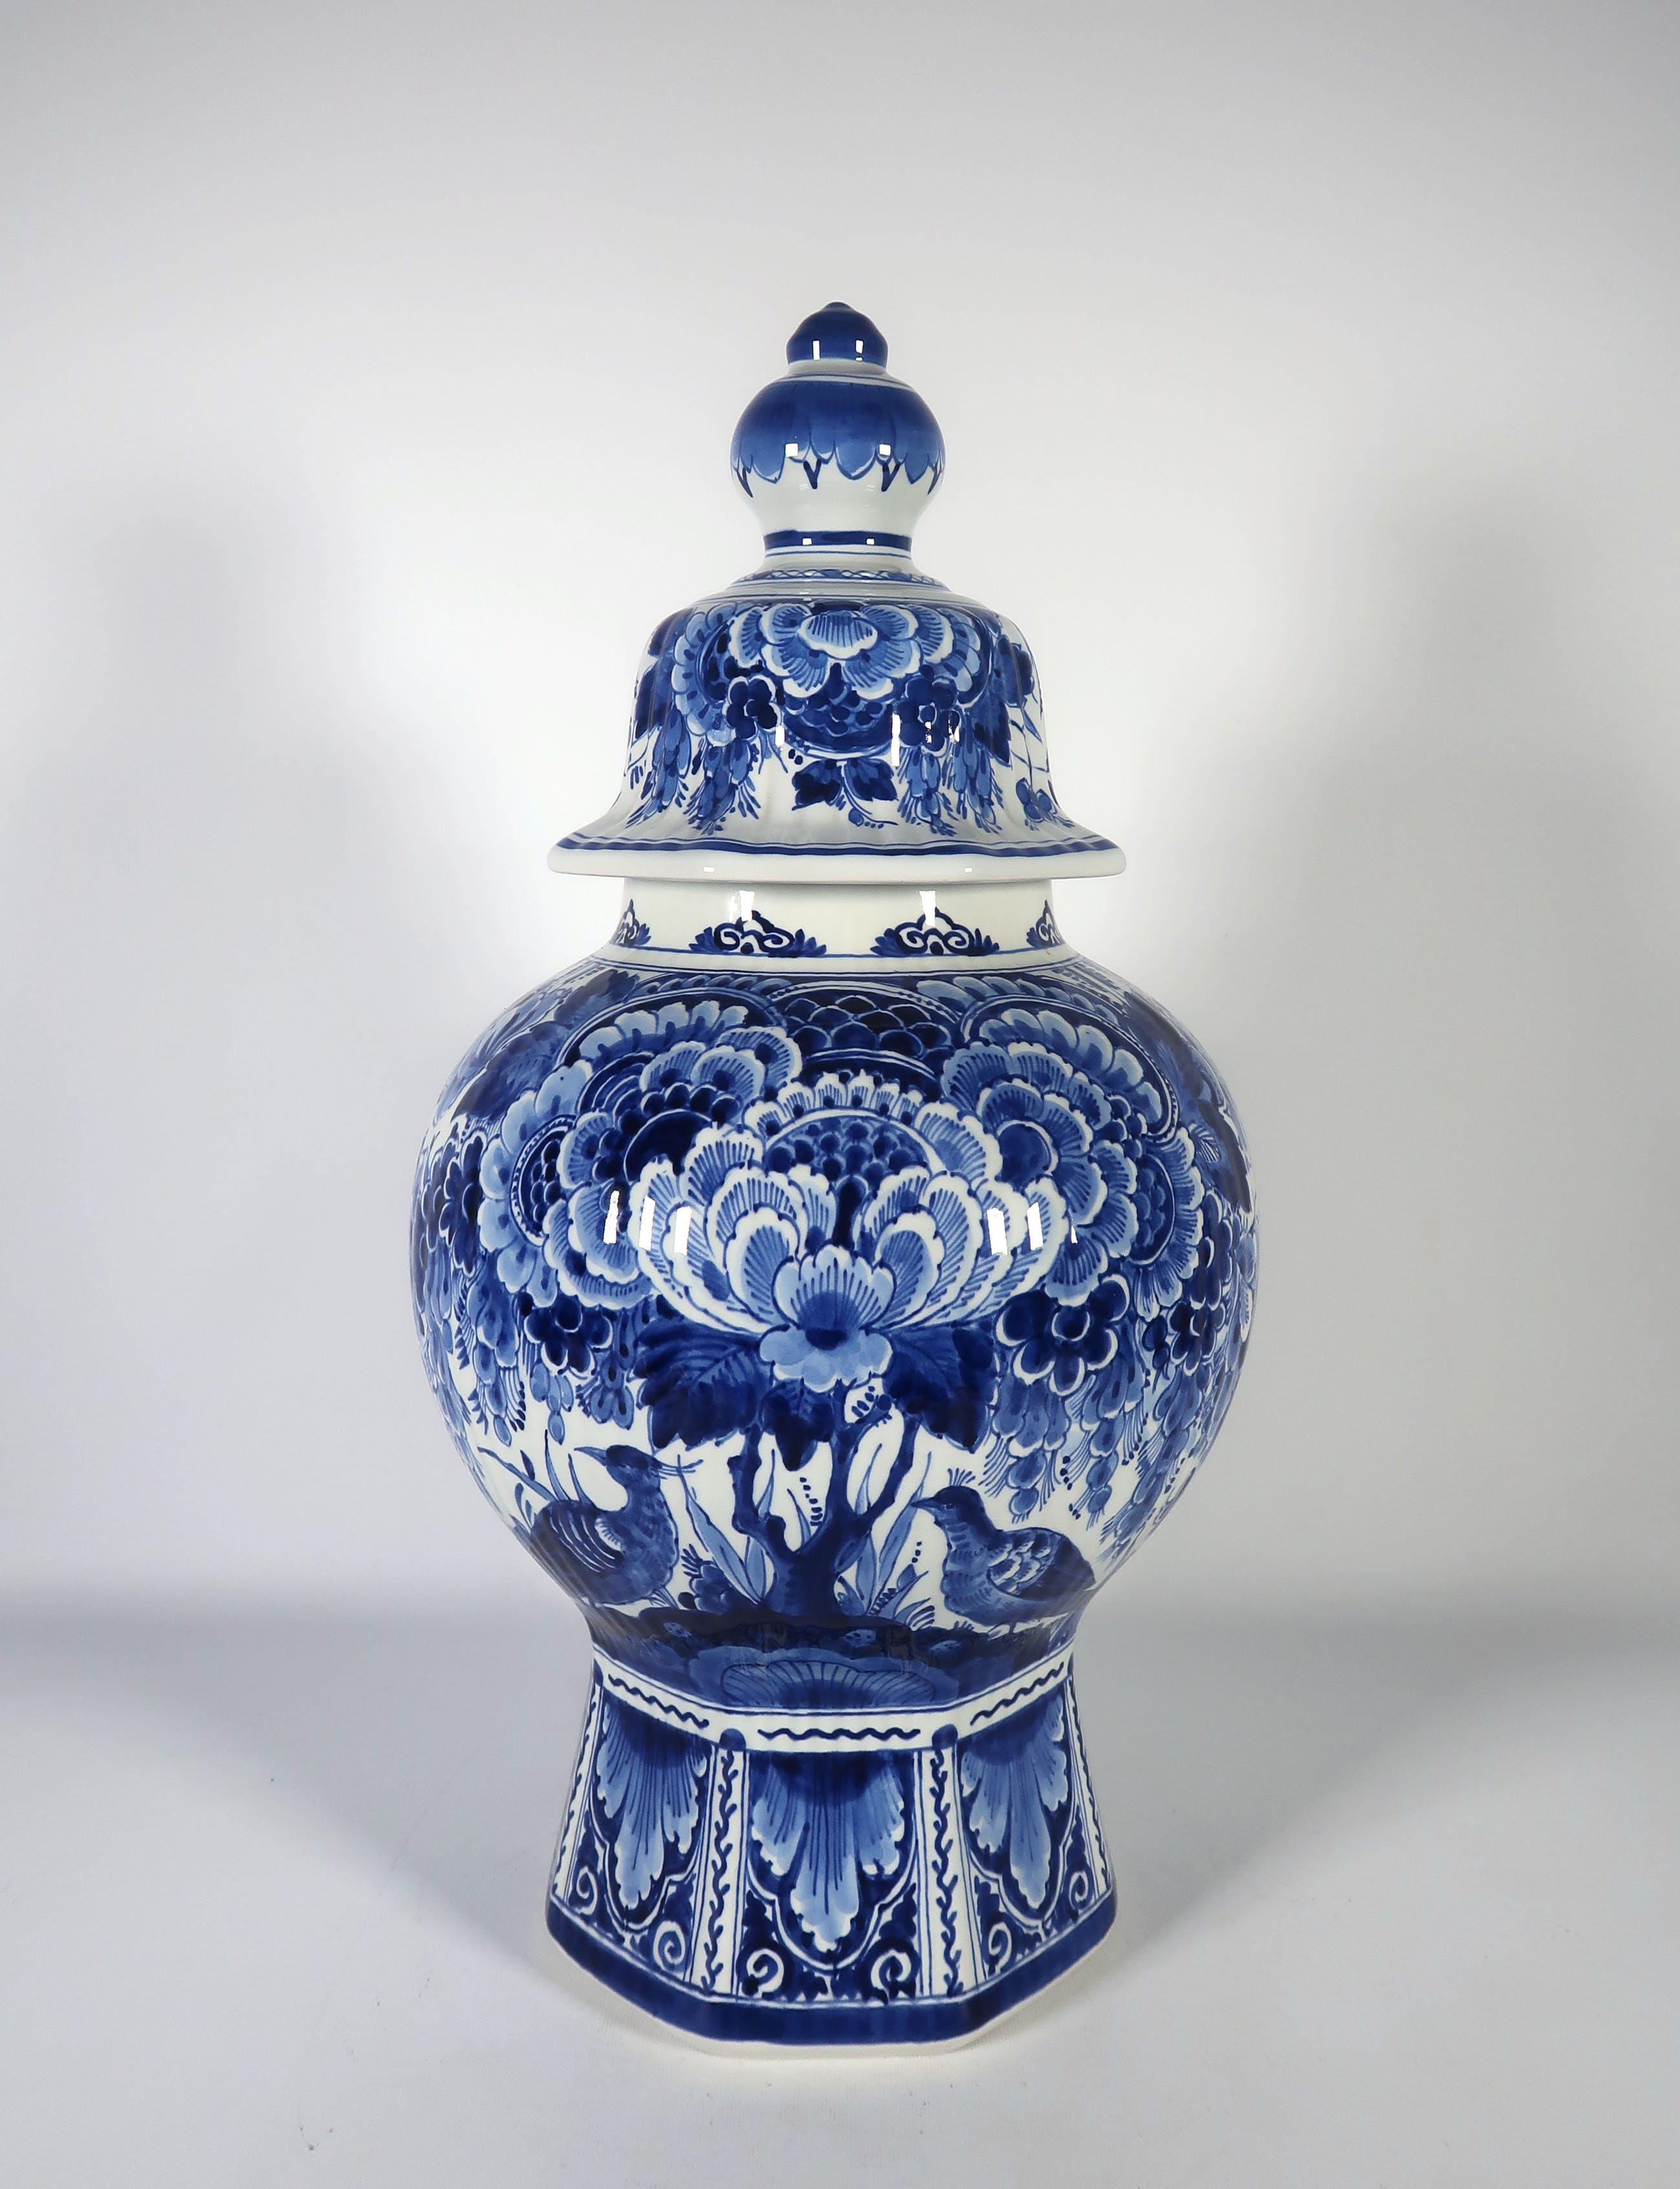 Verrassend Porceleyne Fles (Royal Delft) - Aardewerk, Dekselvaas verkocht TL-72